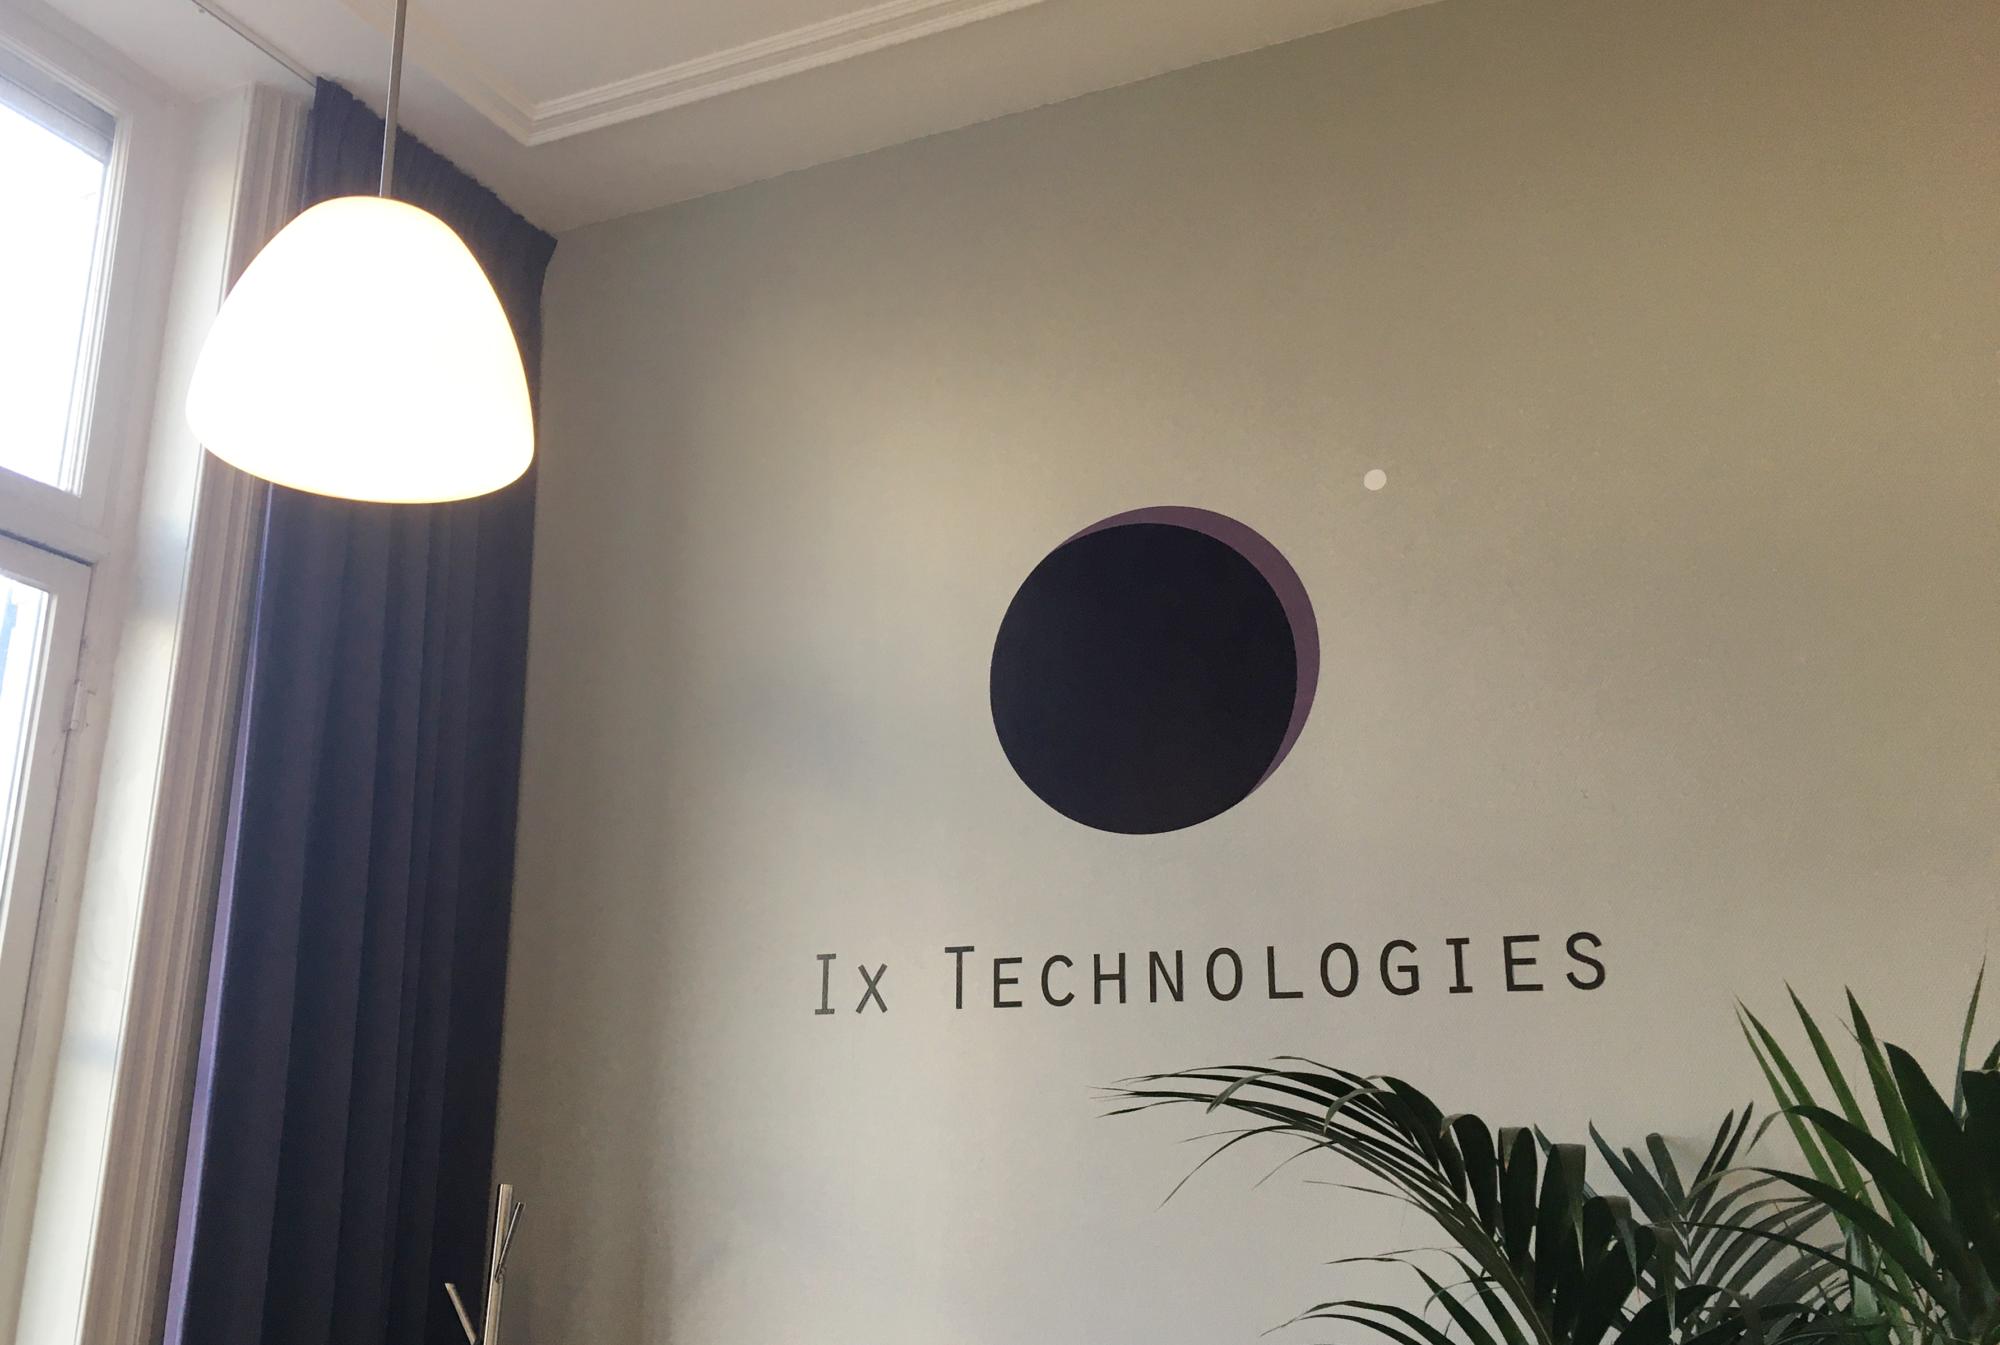 Speciaal voor dit logo moest de hele muur lichtgrijs gemaakt.